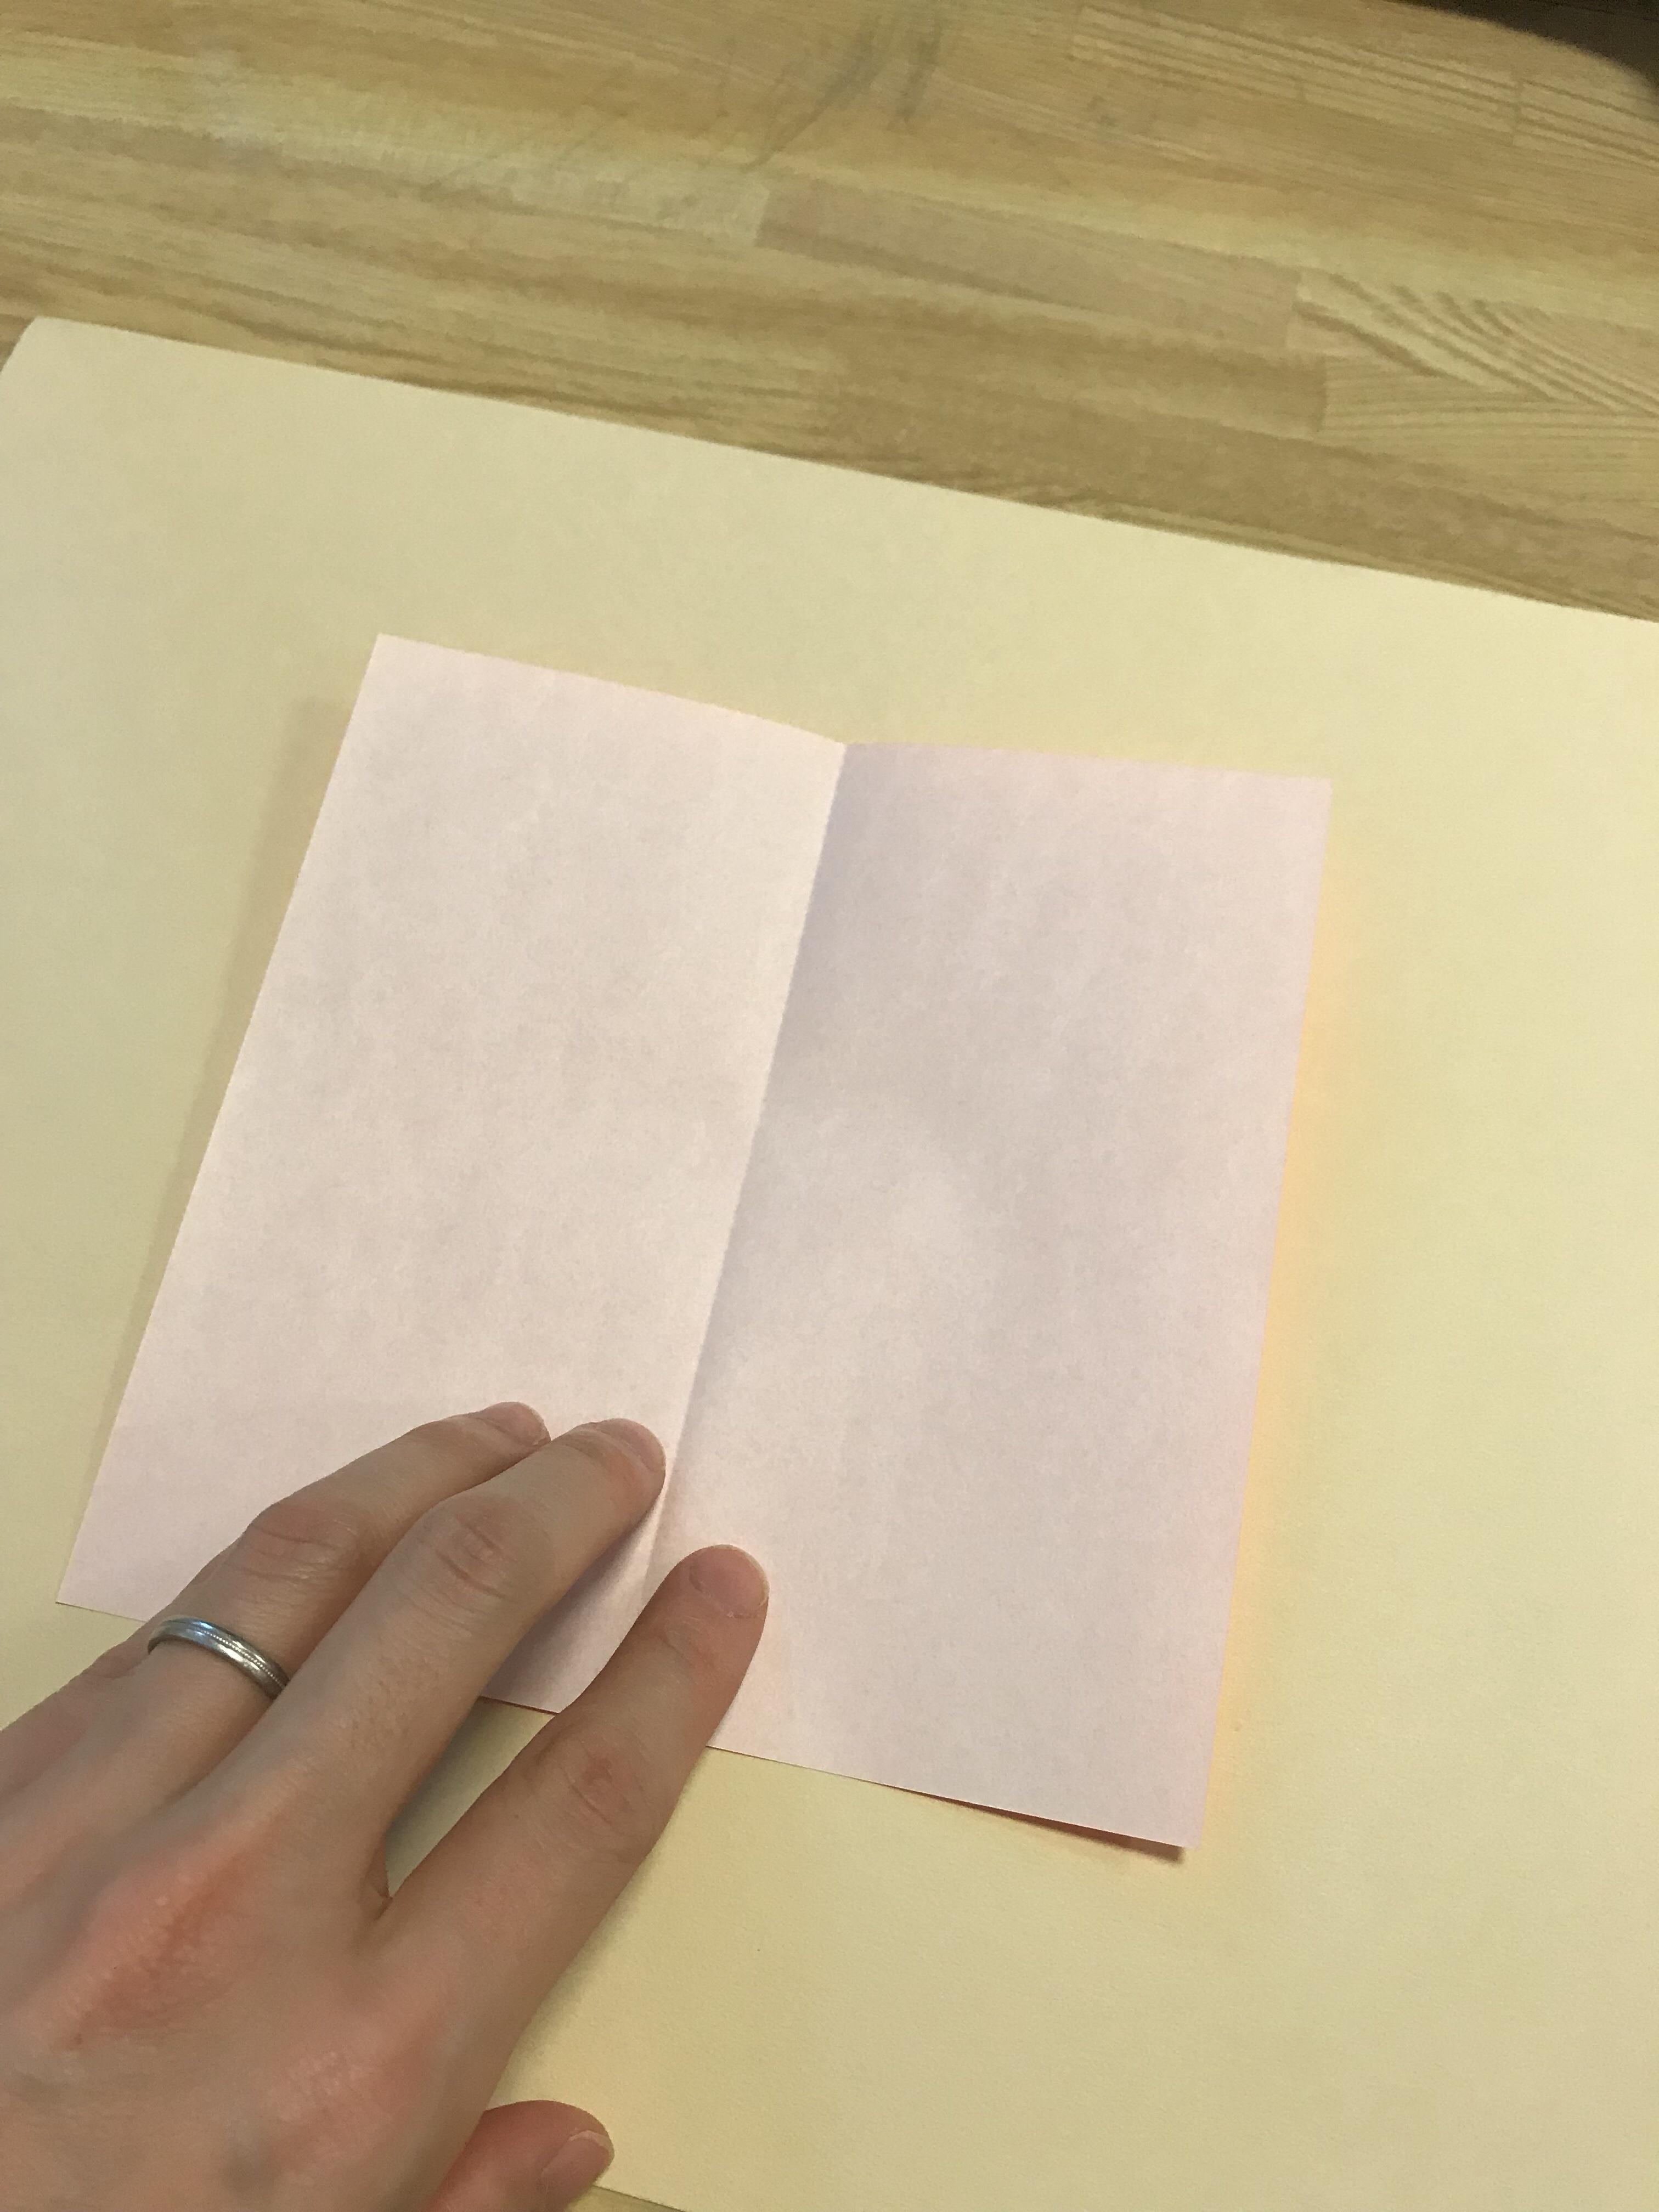 折り紙の中心に折り線がついている図。